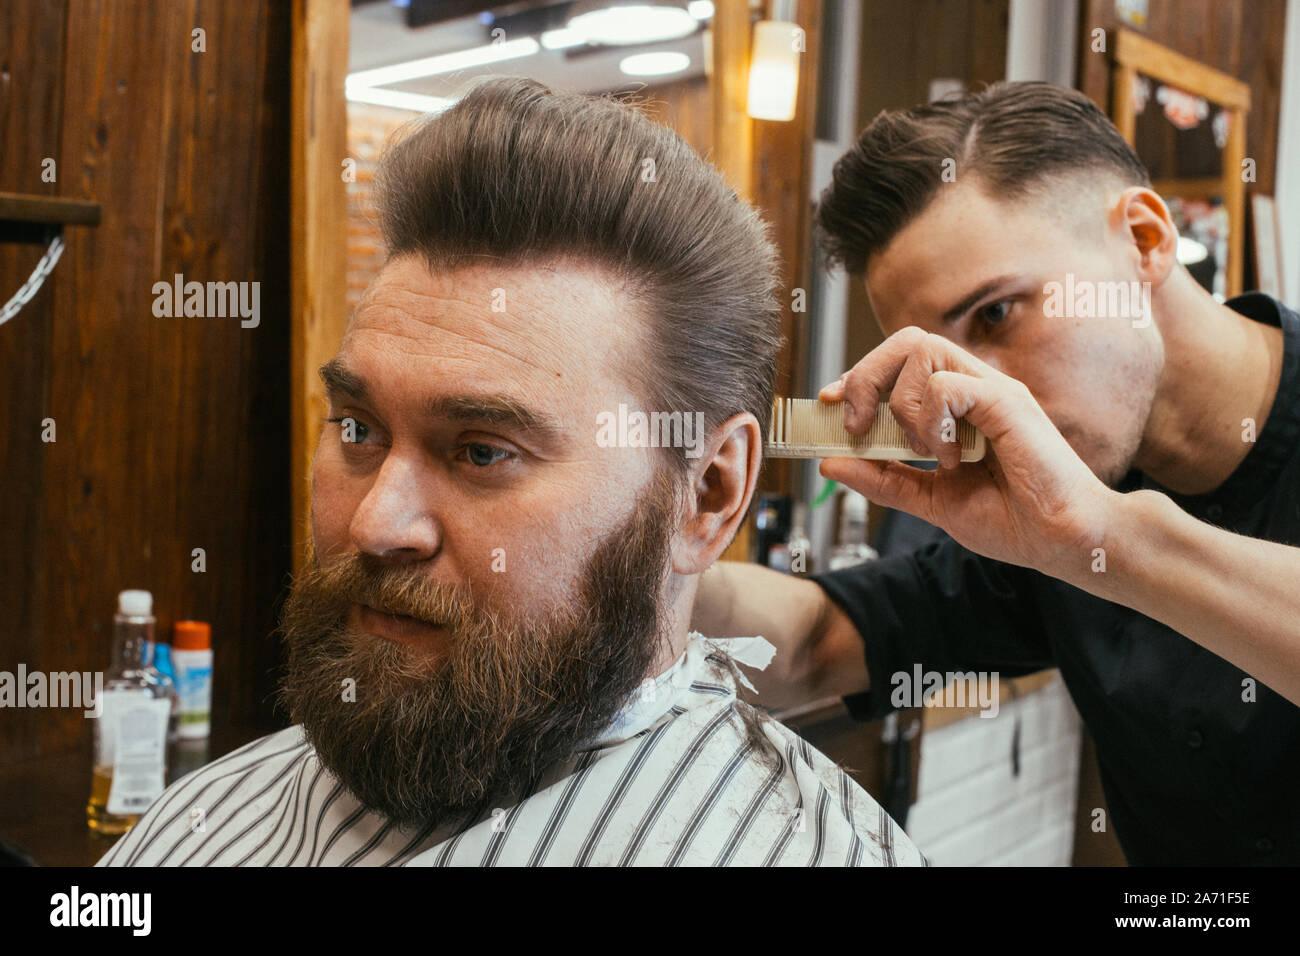 Barber shop, un hombre con una barba corta peluquería. Un pelo bonito y cuidado, peluquería para hombres. Corte de pelo profesional, peinado y estilo retro. Custo Foto de stock